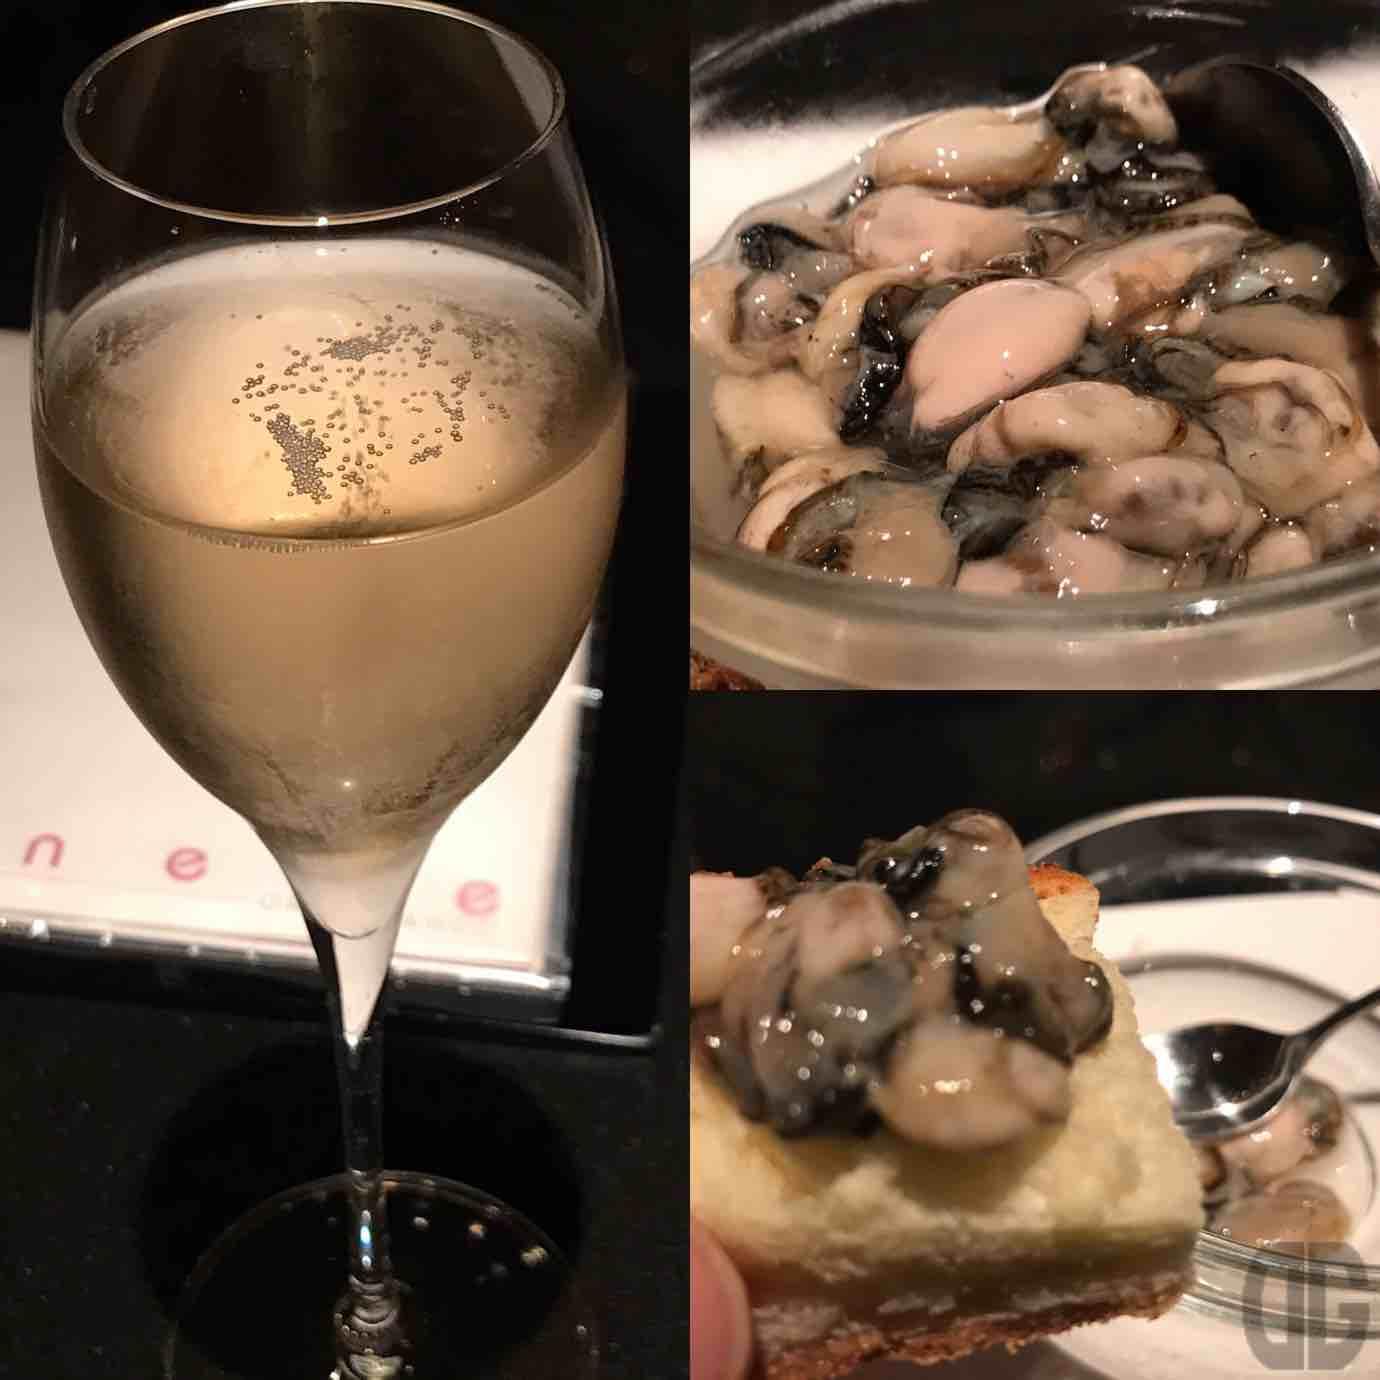 carmenere(カルムネール)(表参道)の牡蠣の人とのコラボイベント「カキシャンパイ vol.5」に参加。珍しい岩牡蠣の赤ちゃんをいただきました♪